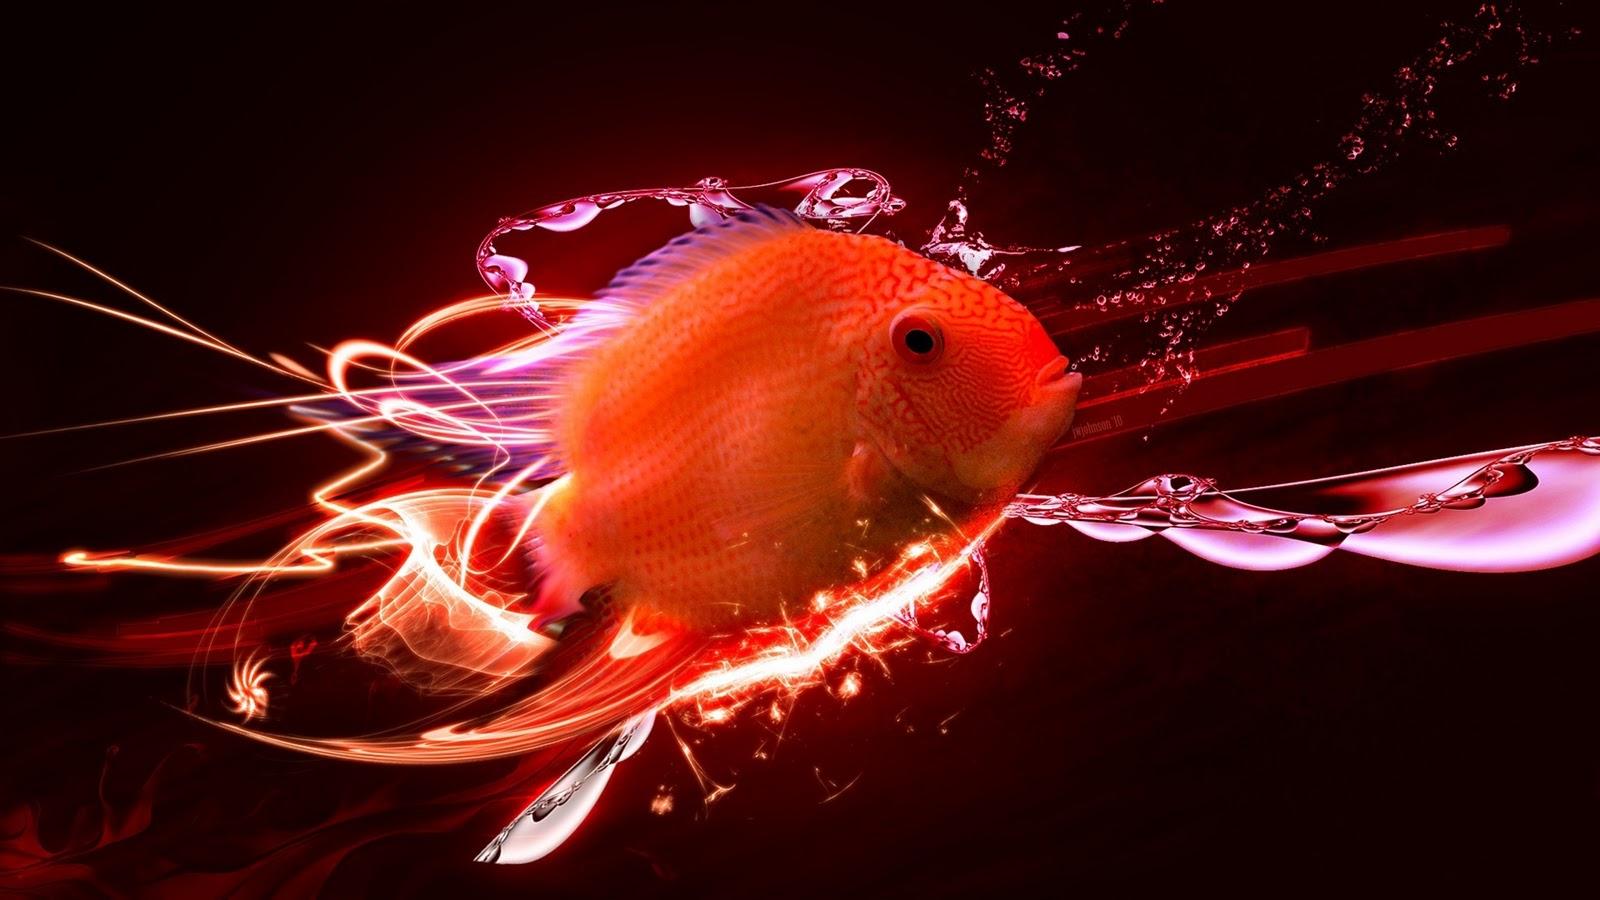 http://1.bp.blogspot.com/-V1ORPKefrD4/Tsuy5IbSHII/AAAAAAAAWwo/Dd_46X_Y3Uc/s1600/oranda-goldfish-1920x1080.jpg